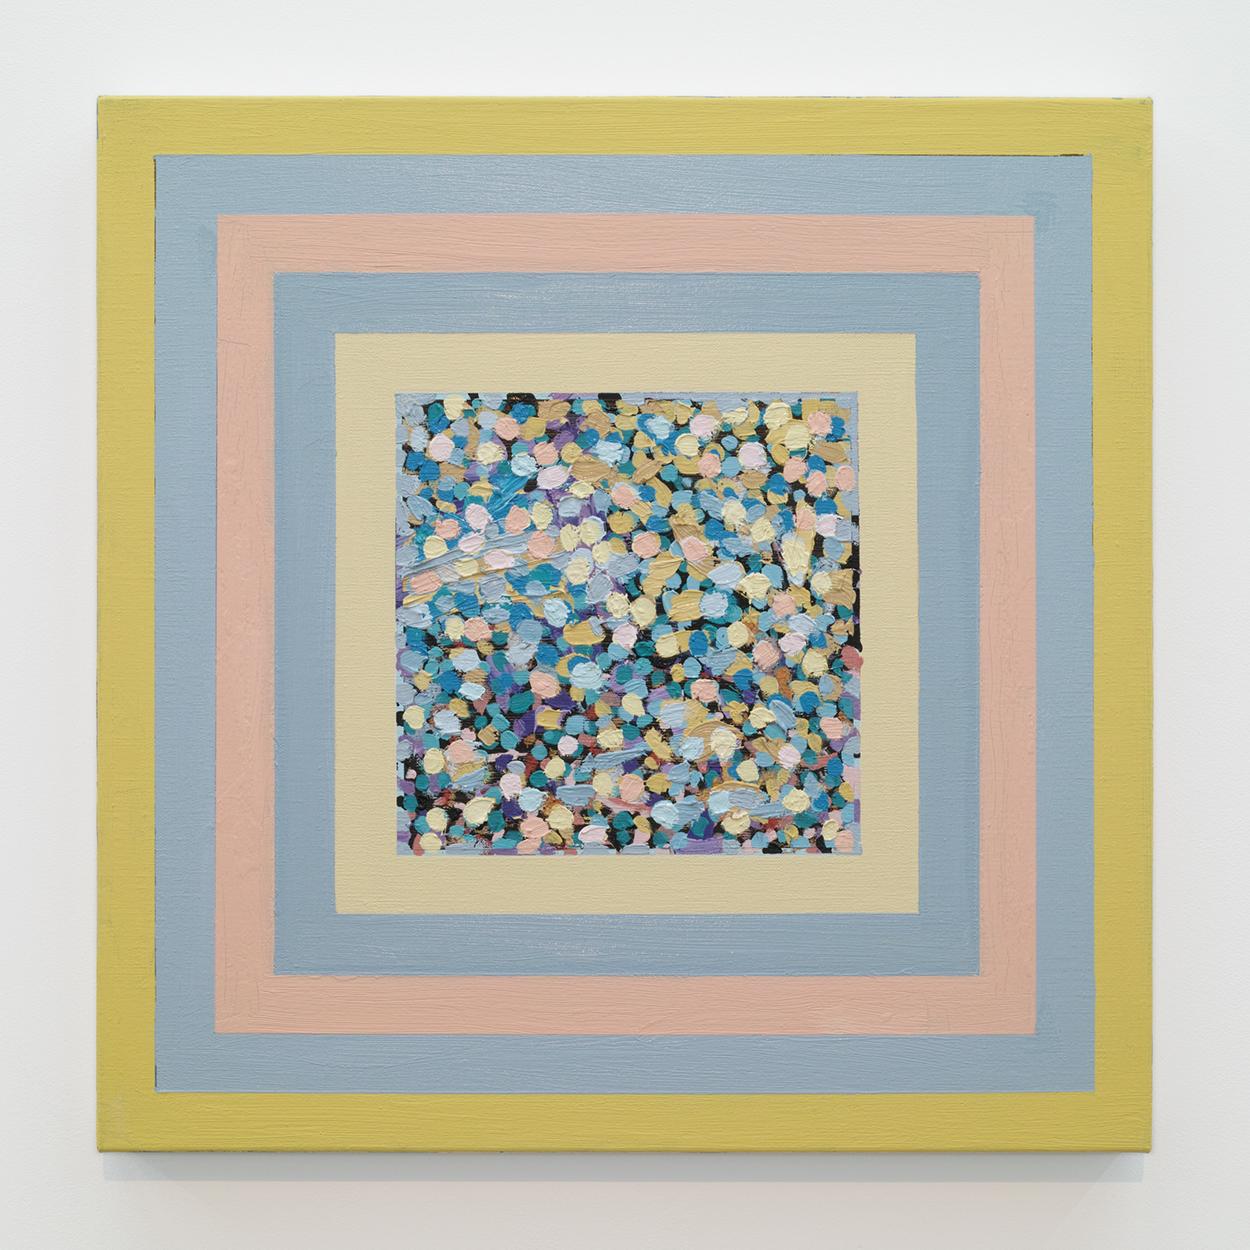 サイモン・フィッツジェラルド (SIMON FITZGERALD)|Twilight Dream|Oil on Linen|53 × 53cm|2017<br>¥250,000 - 500,000